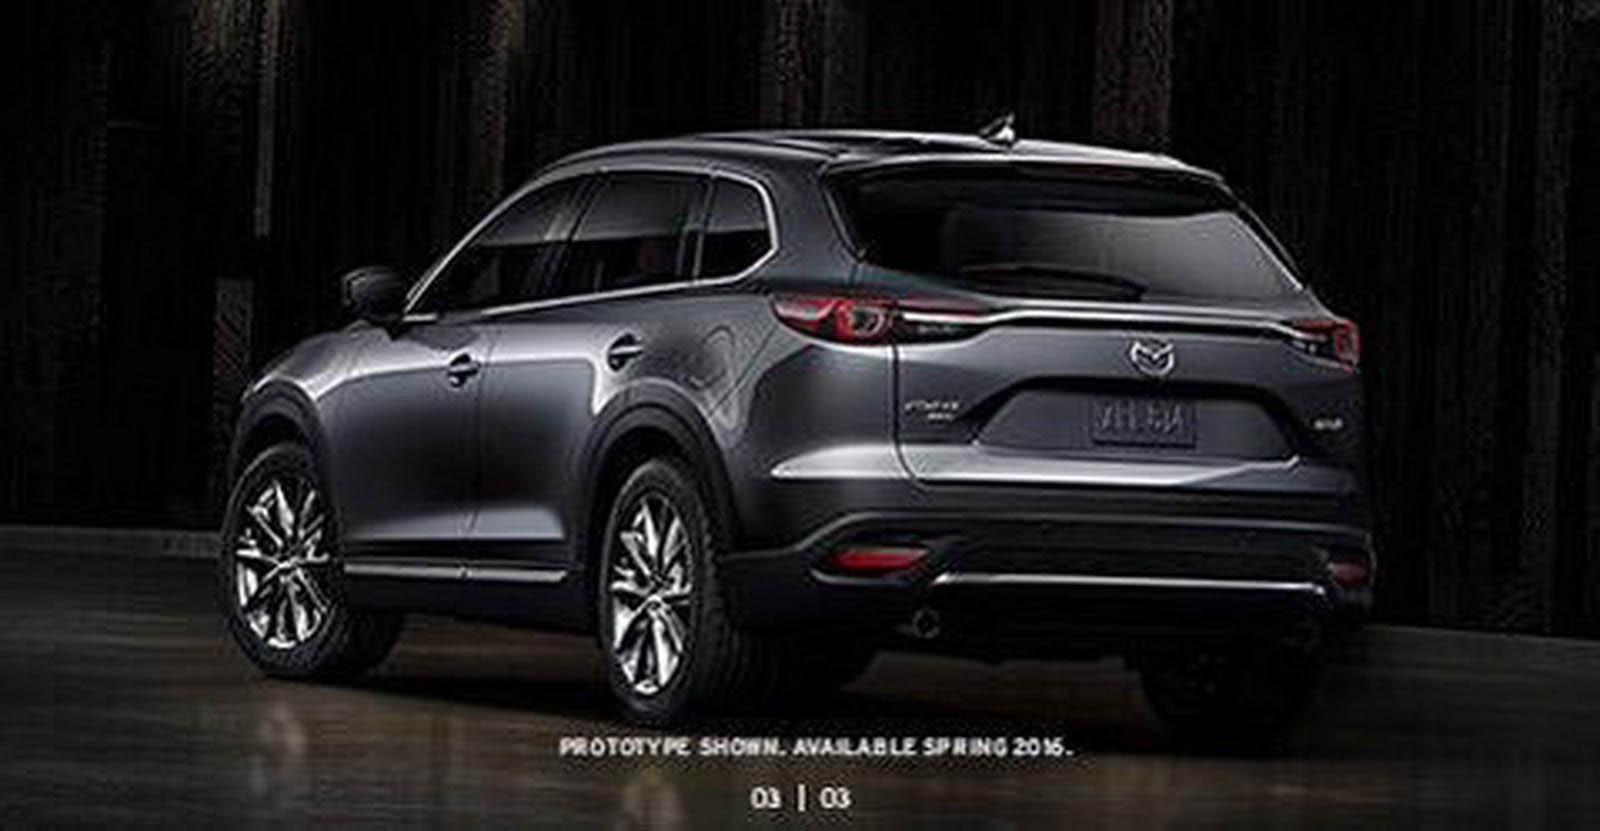 mazda cx9 2016 rear